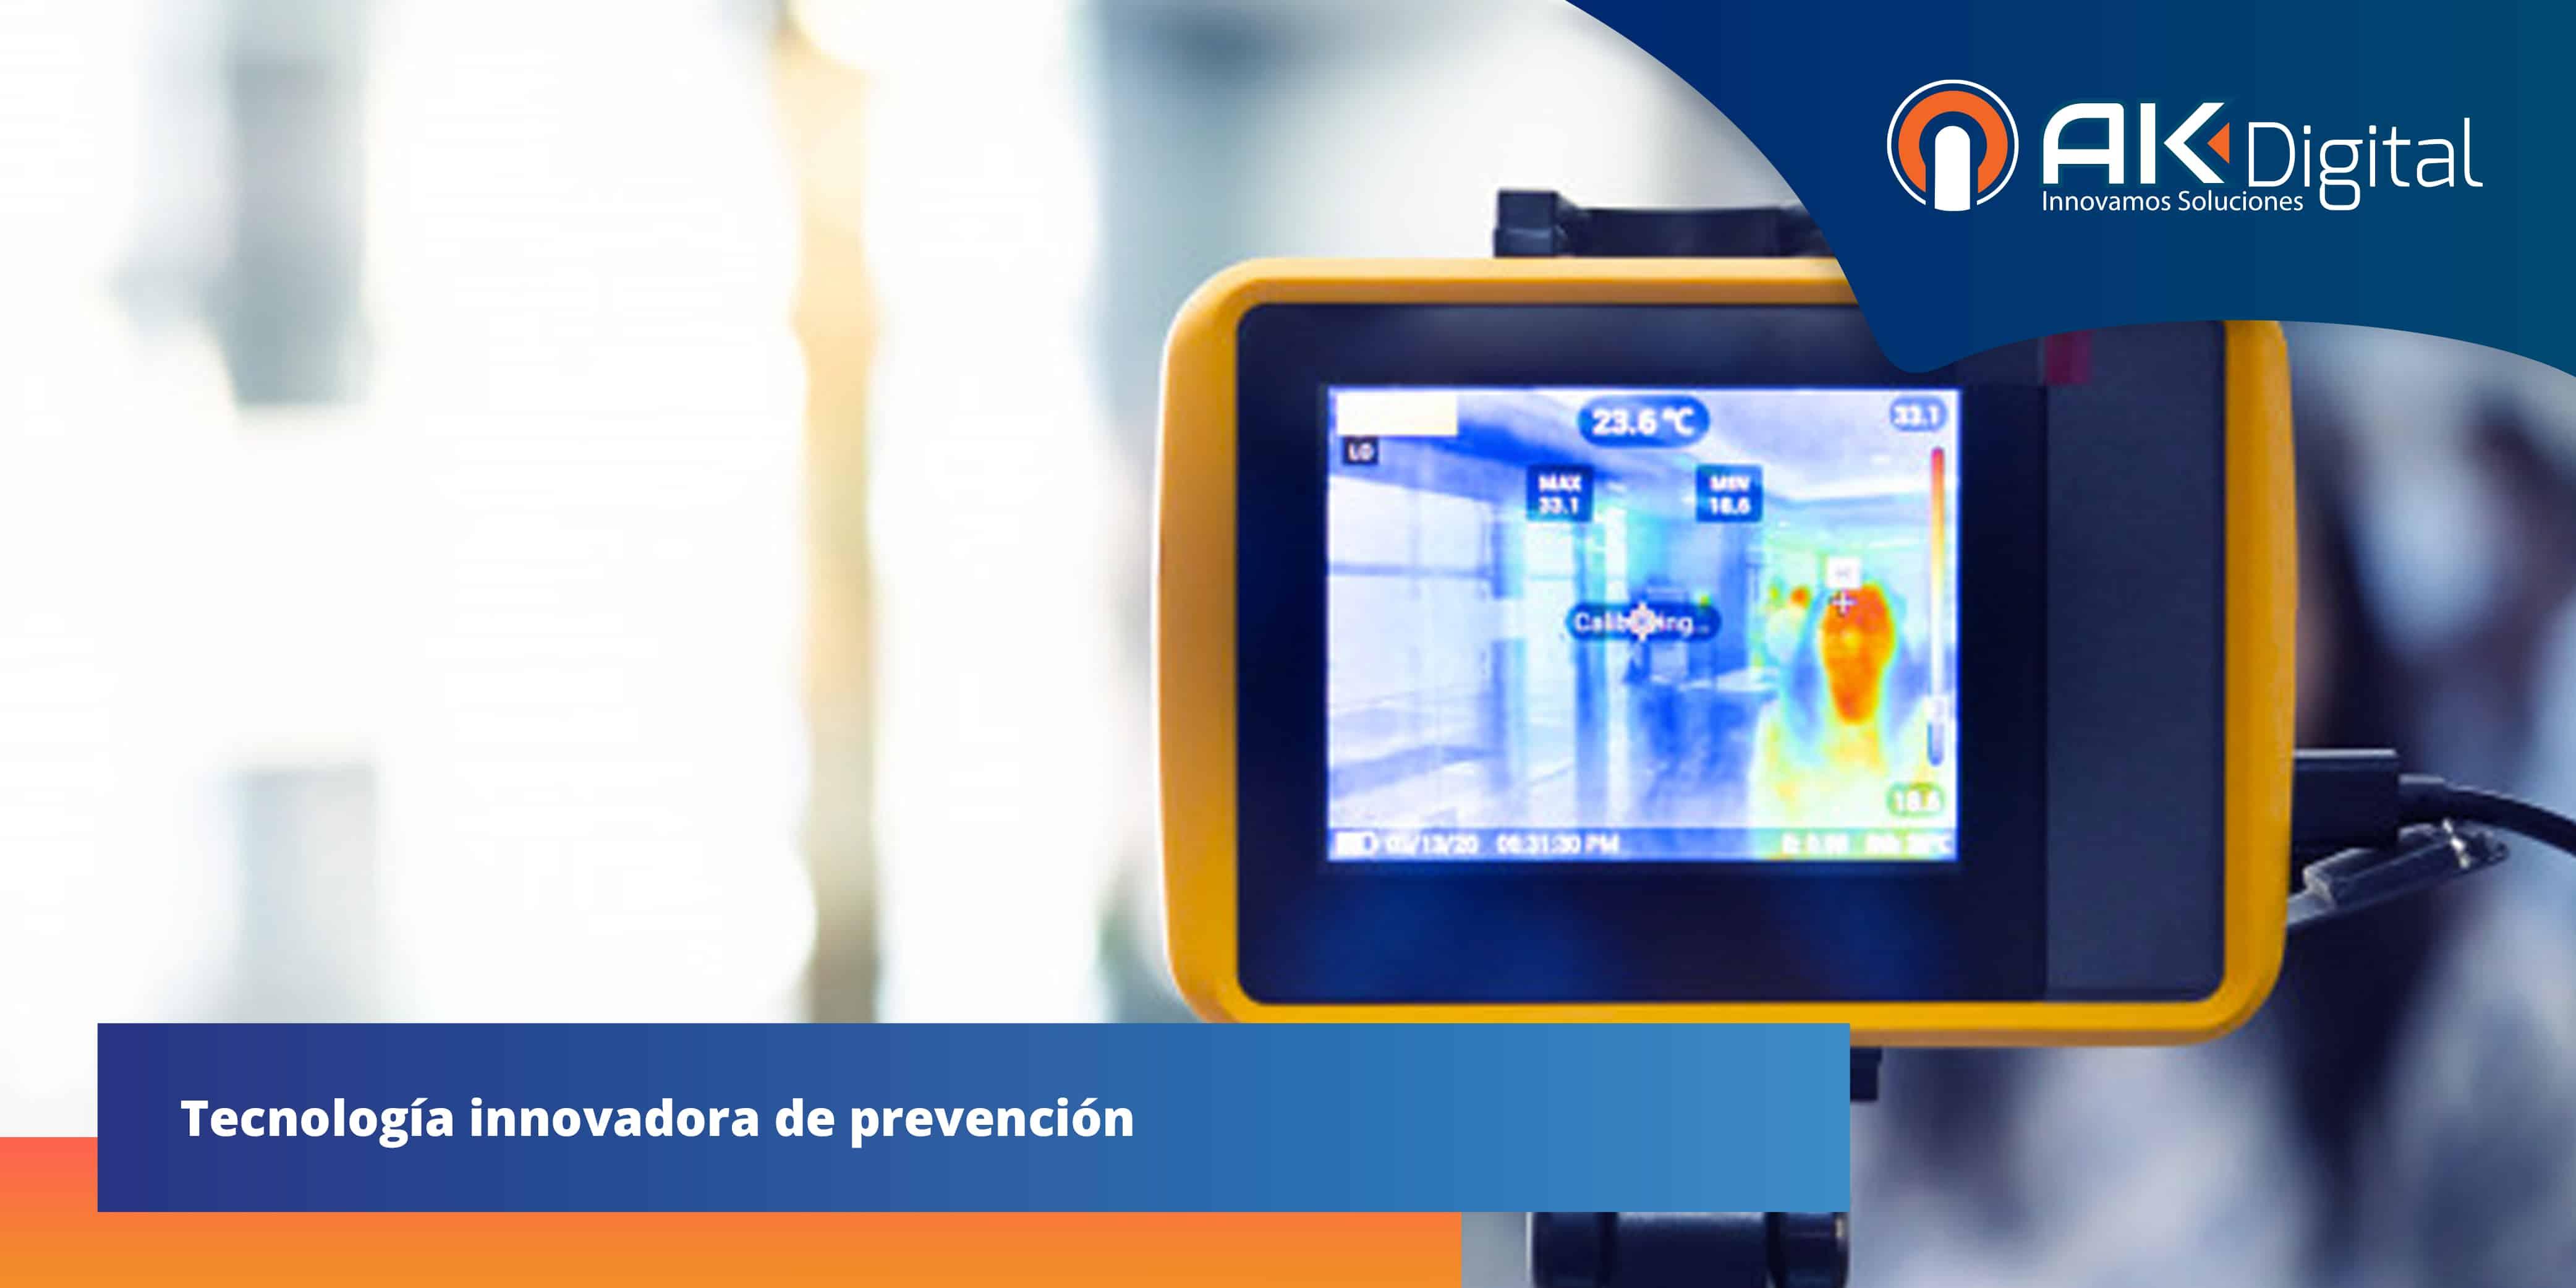 ¿Qué es y cómo funciona una cámara termográfica?